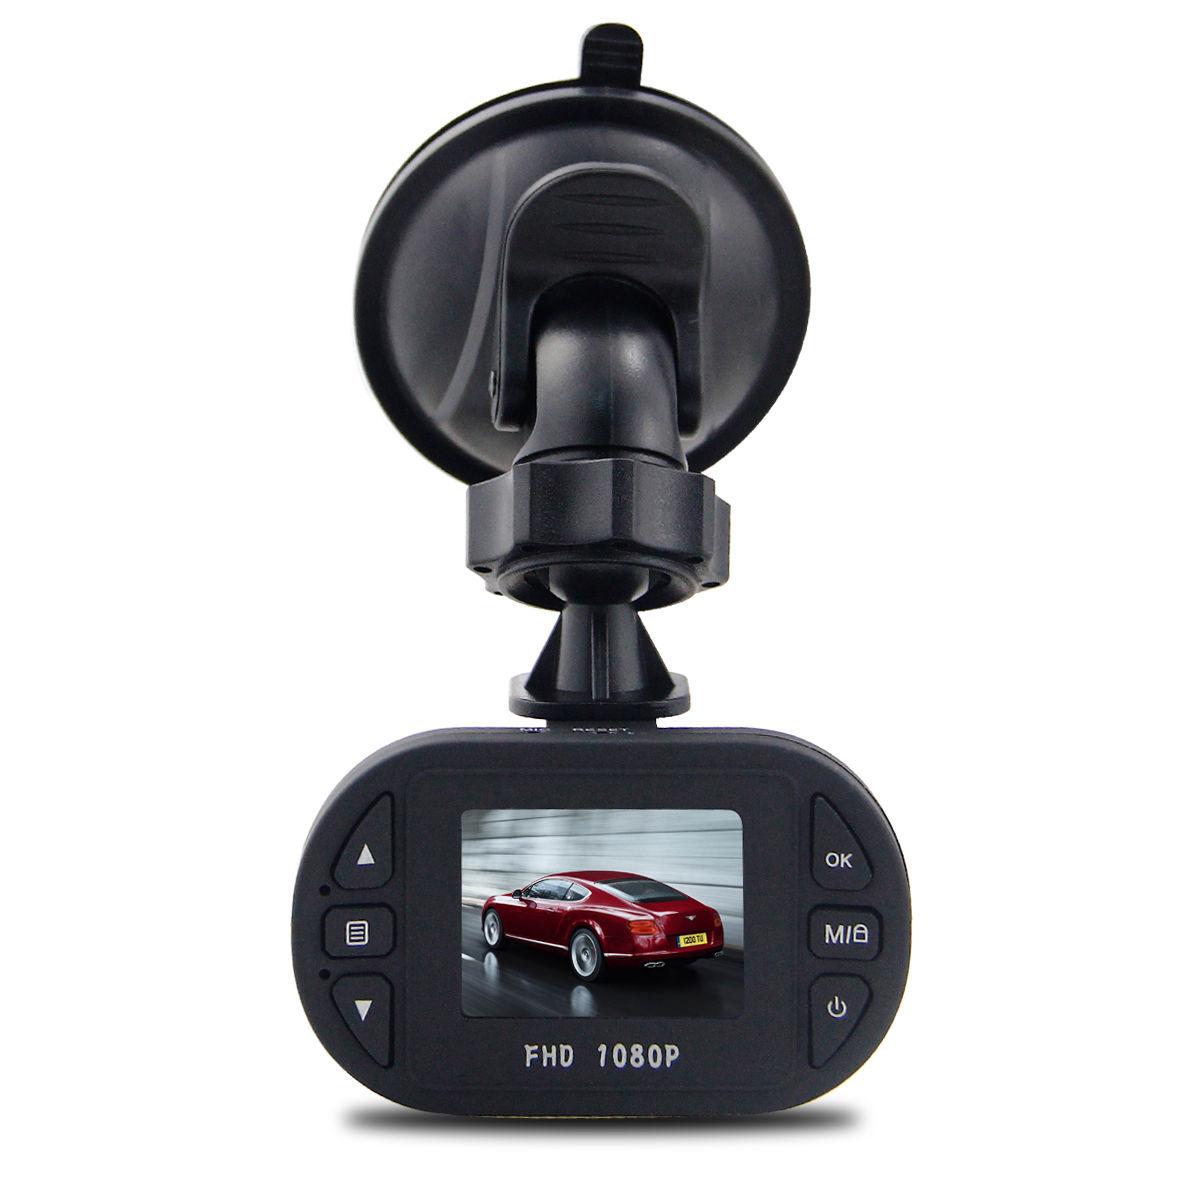 กล้องติดรถยนต์ C600 Full HD 1080P Vehicle Blackbox DVR ราคา 690 บาท